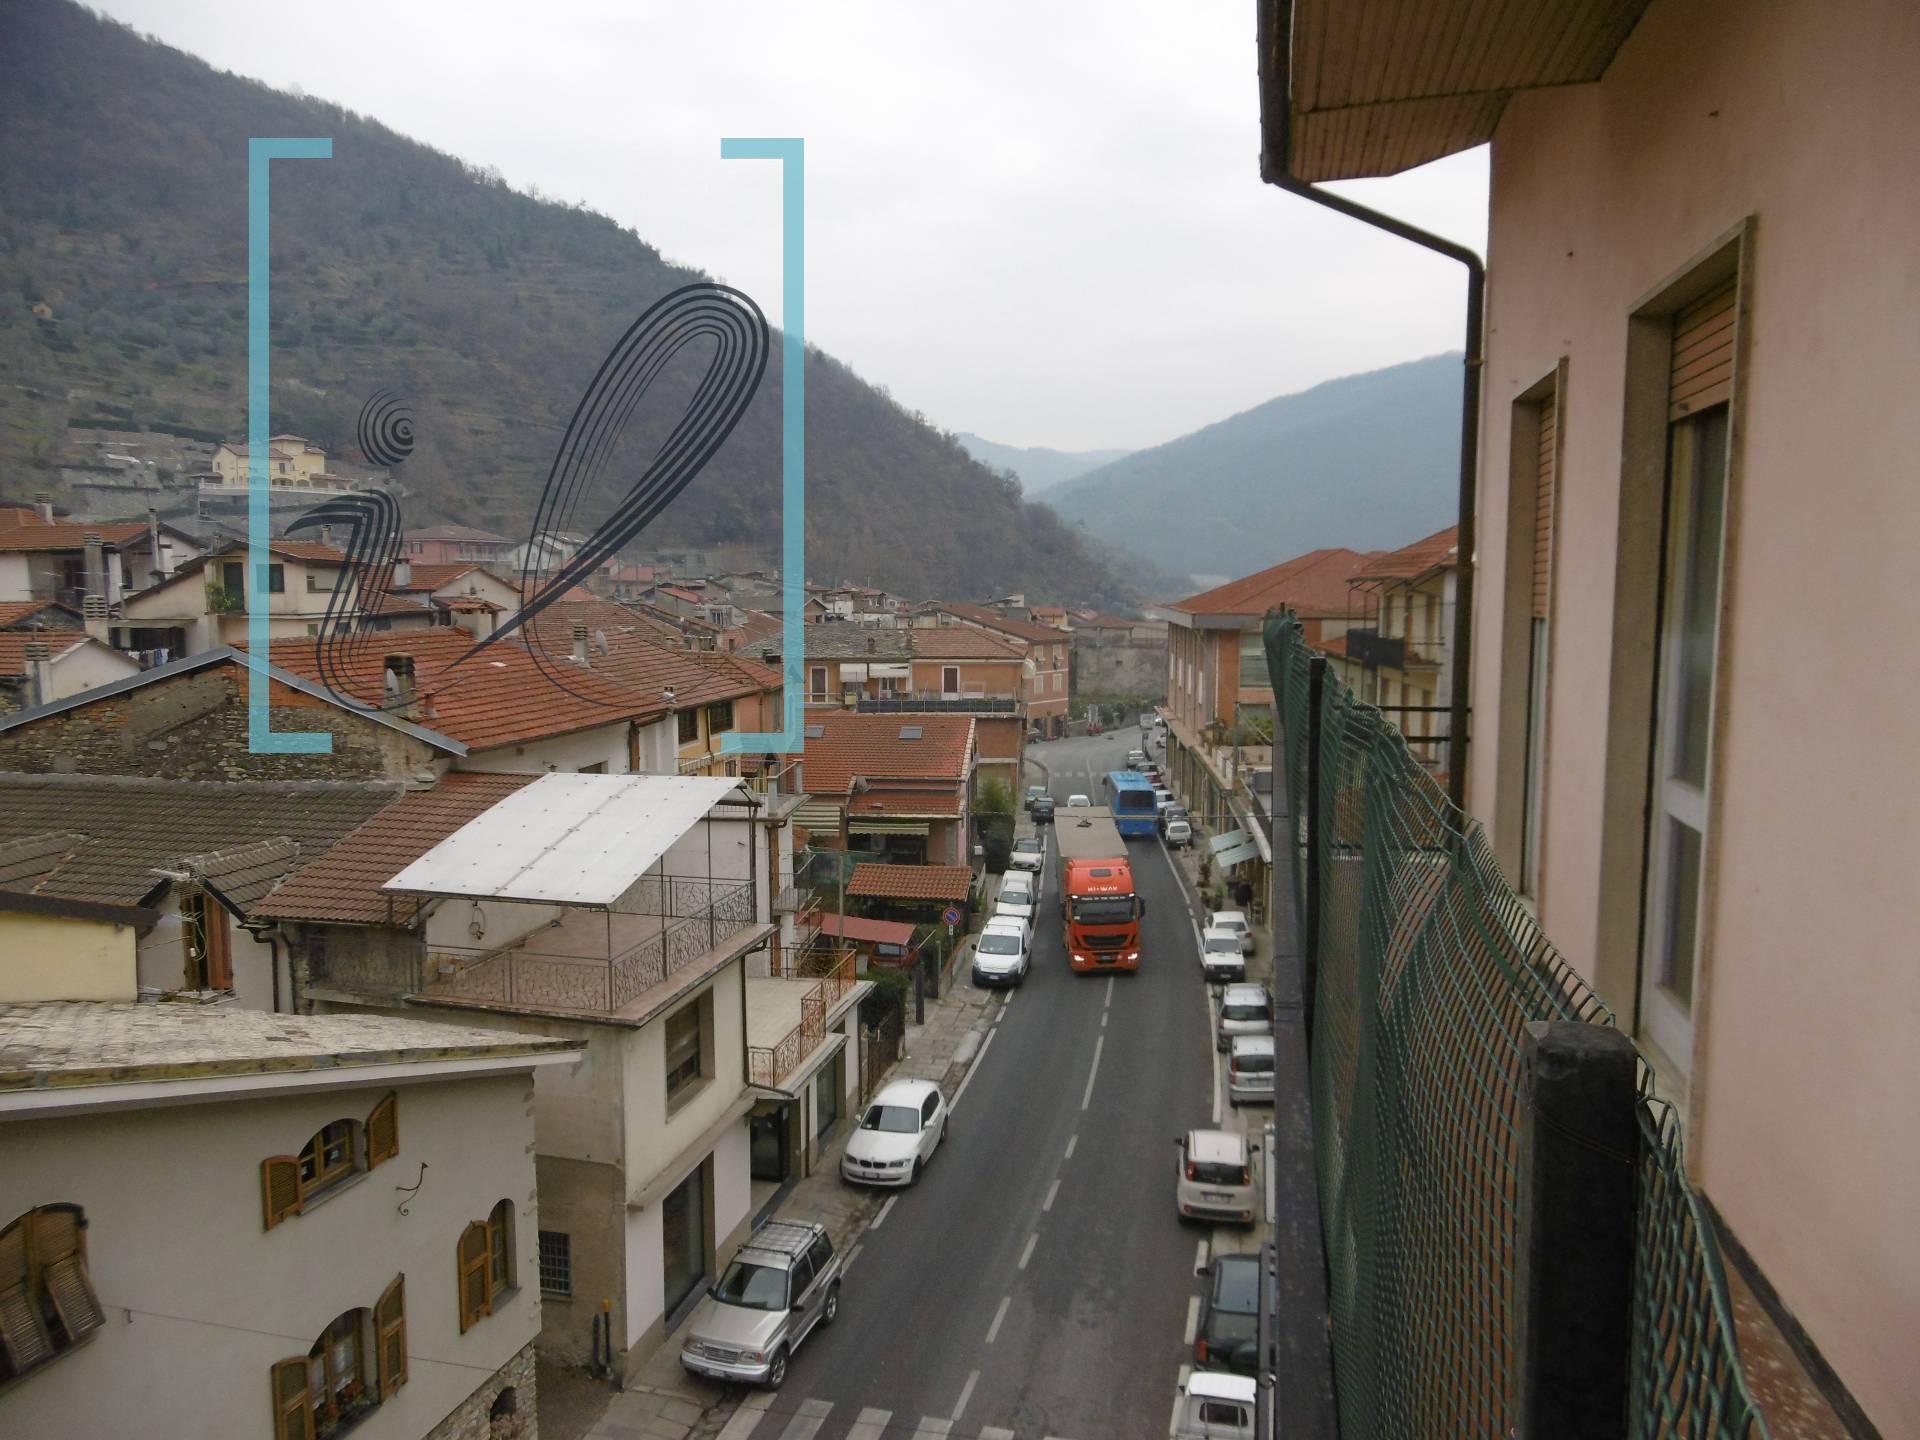 Appartamento in vendita a Pieve di Teco, 100 locali, prezzo € 55.000 | PortaleAgenzieImmobiliari.it